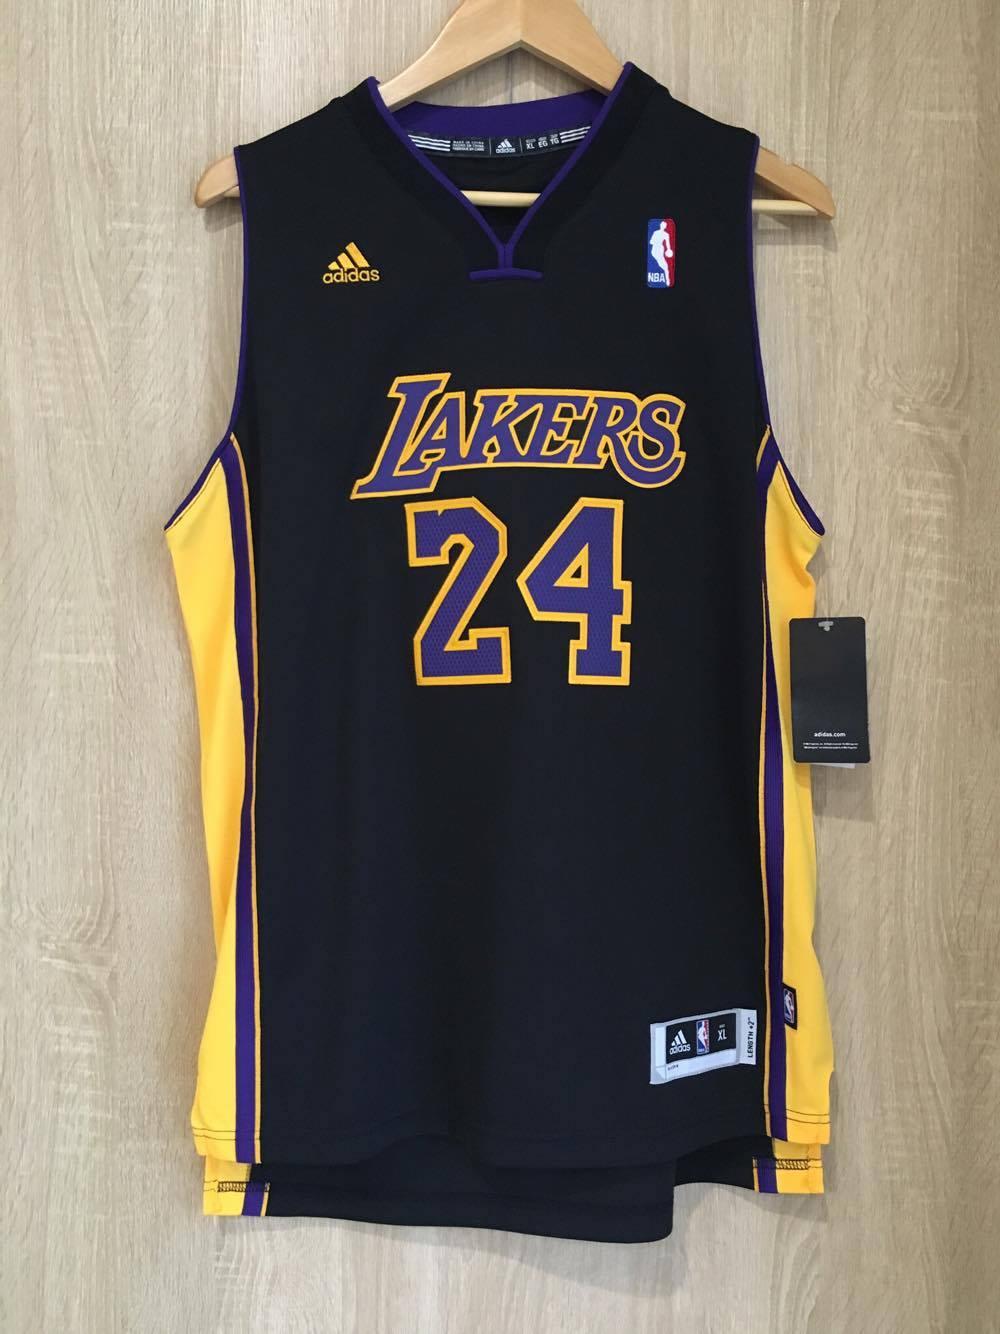 【蟹老闆】Adidas 青年版 球衣 好萊塢 洛杉磯湖人Lakers 24 Kobe Bryant 黑曼巴 小飛俠 傳奇球星 NBA總冠軍MVP NBA年度MVP NBA明星賽MVP NBA得分王 男女可穿